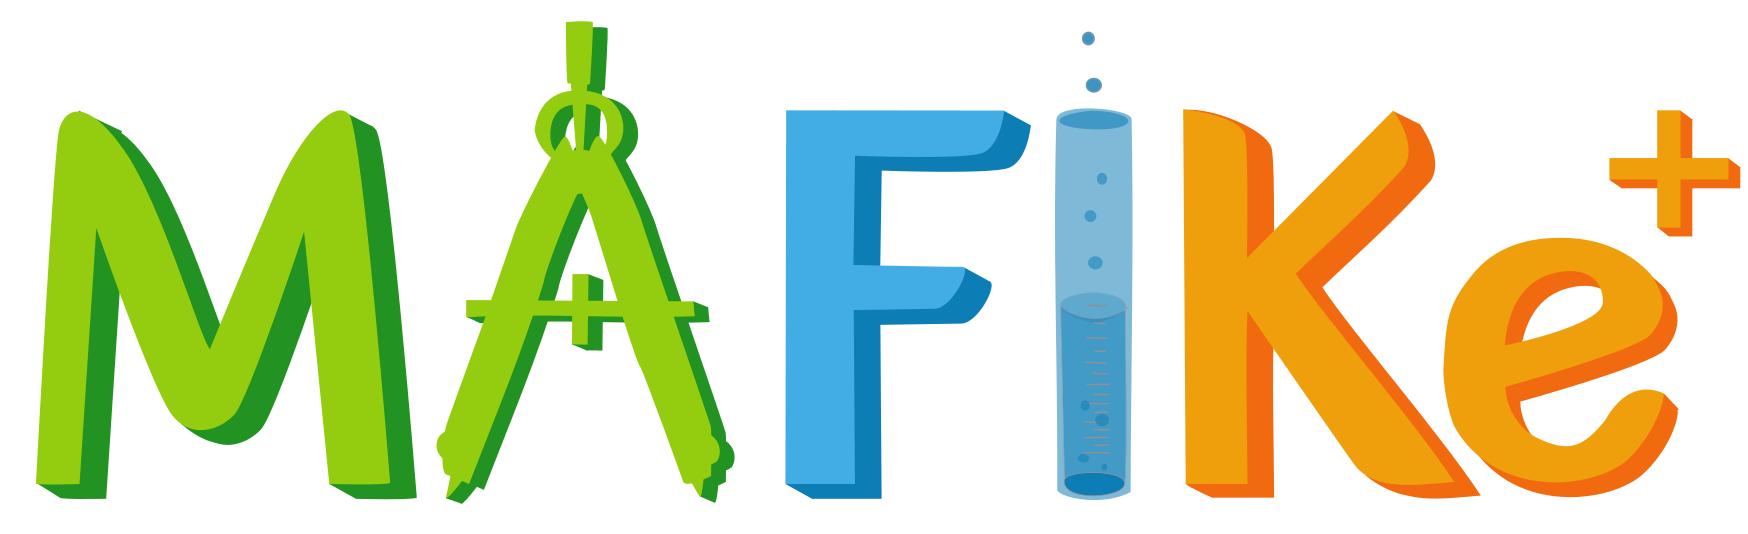 MAFIKE – Inštrukcije matematike, fizike, kemije